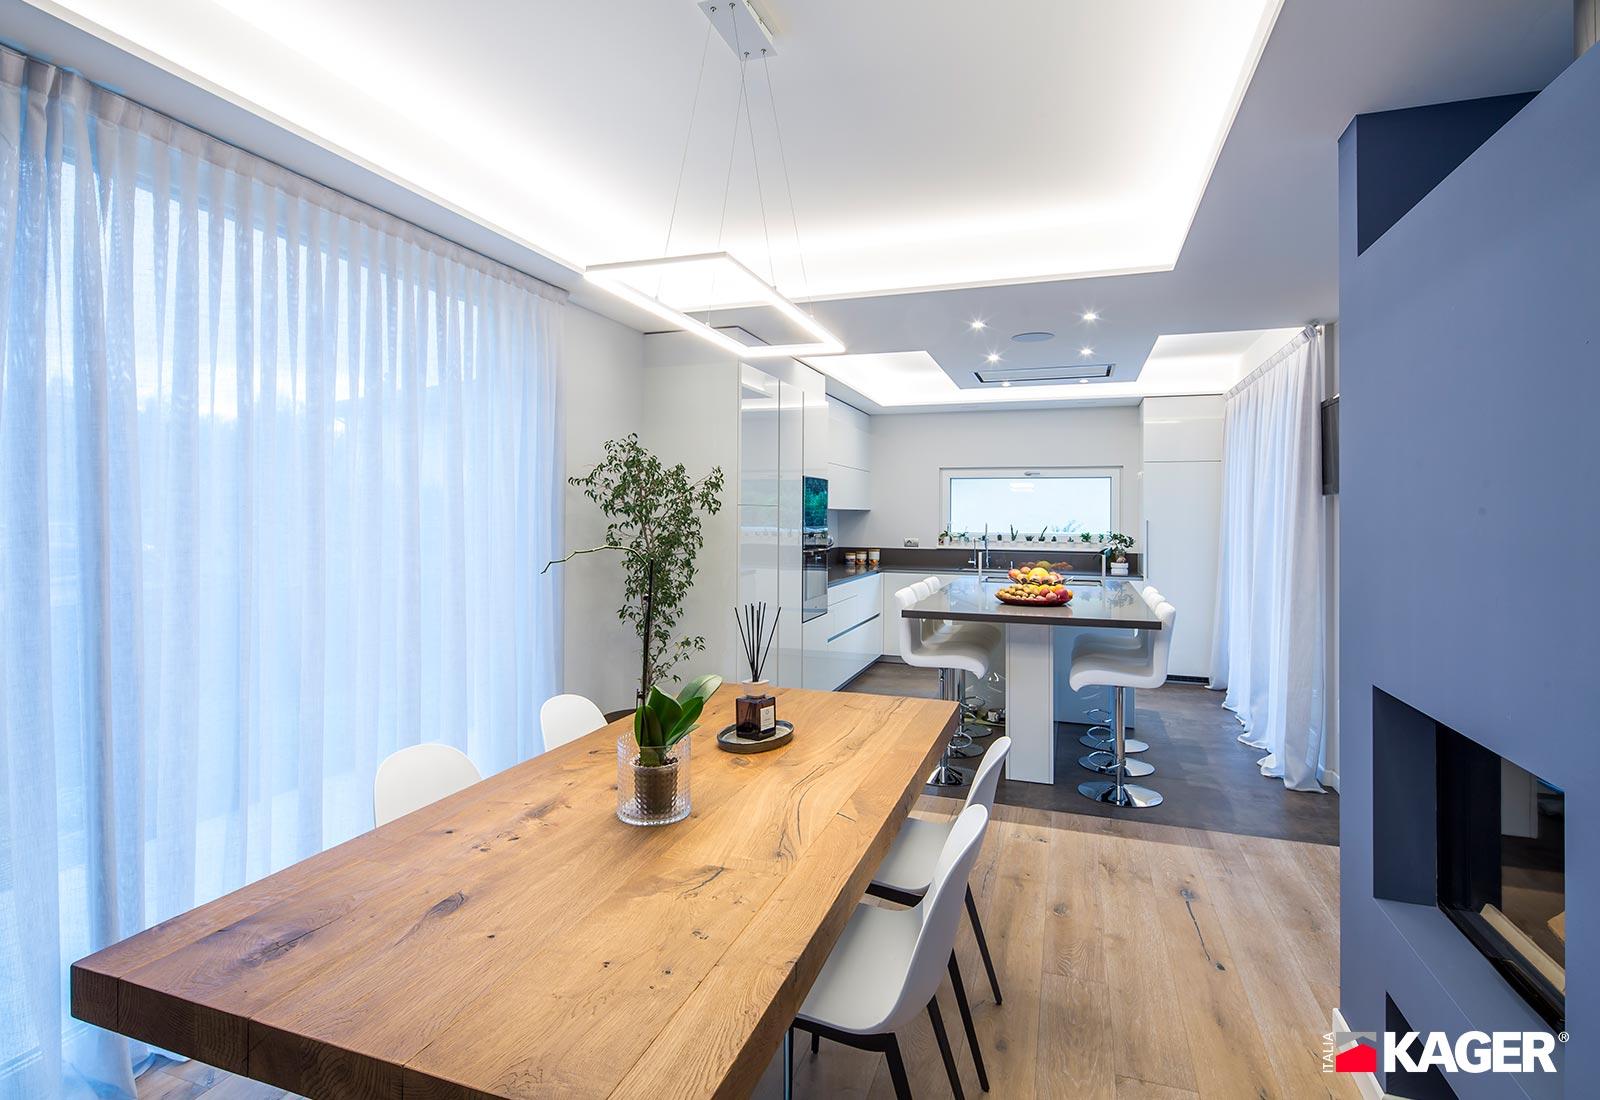 Casa-in-legno-Arcisate-Varese-Kager-Italia-11